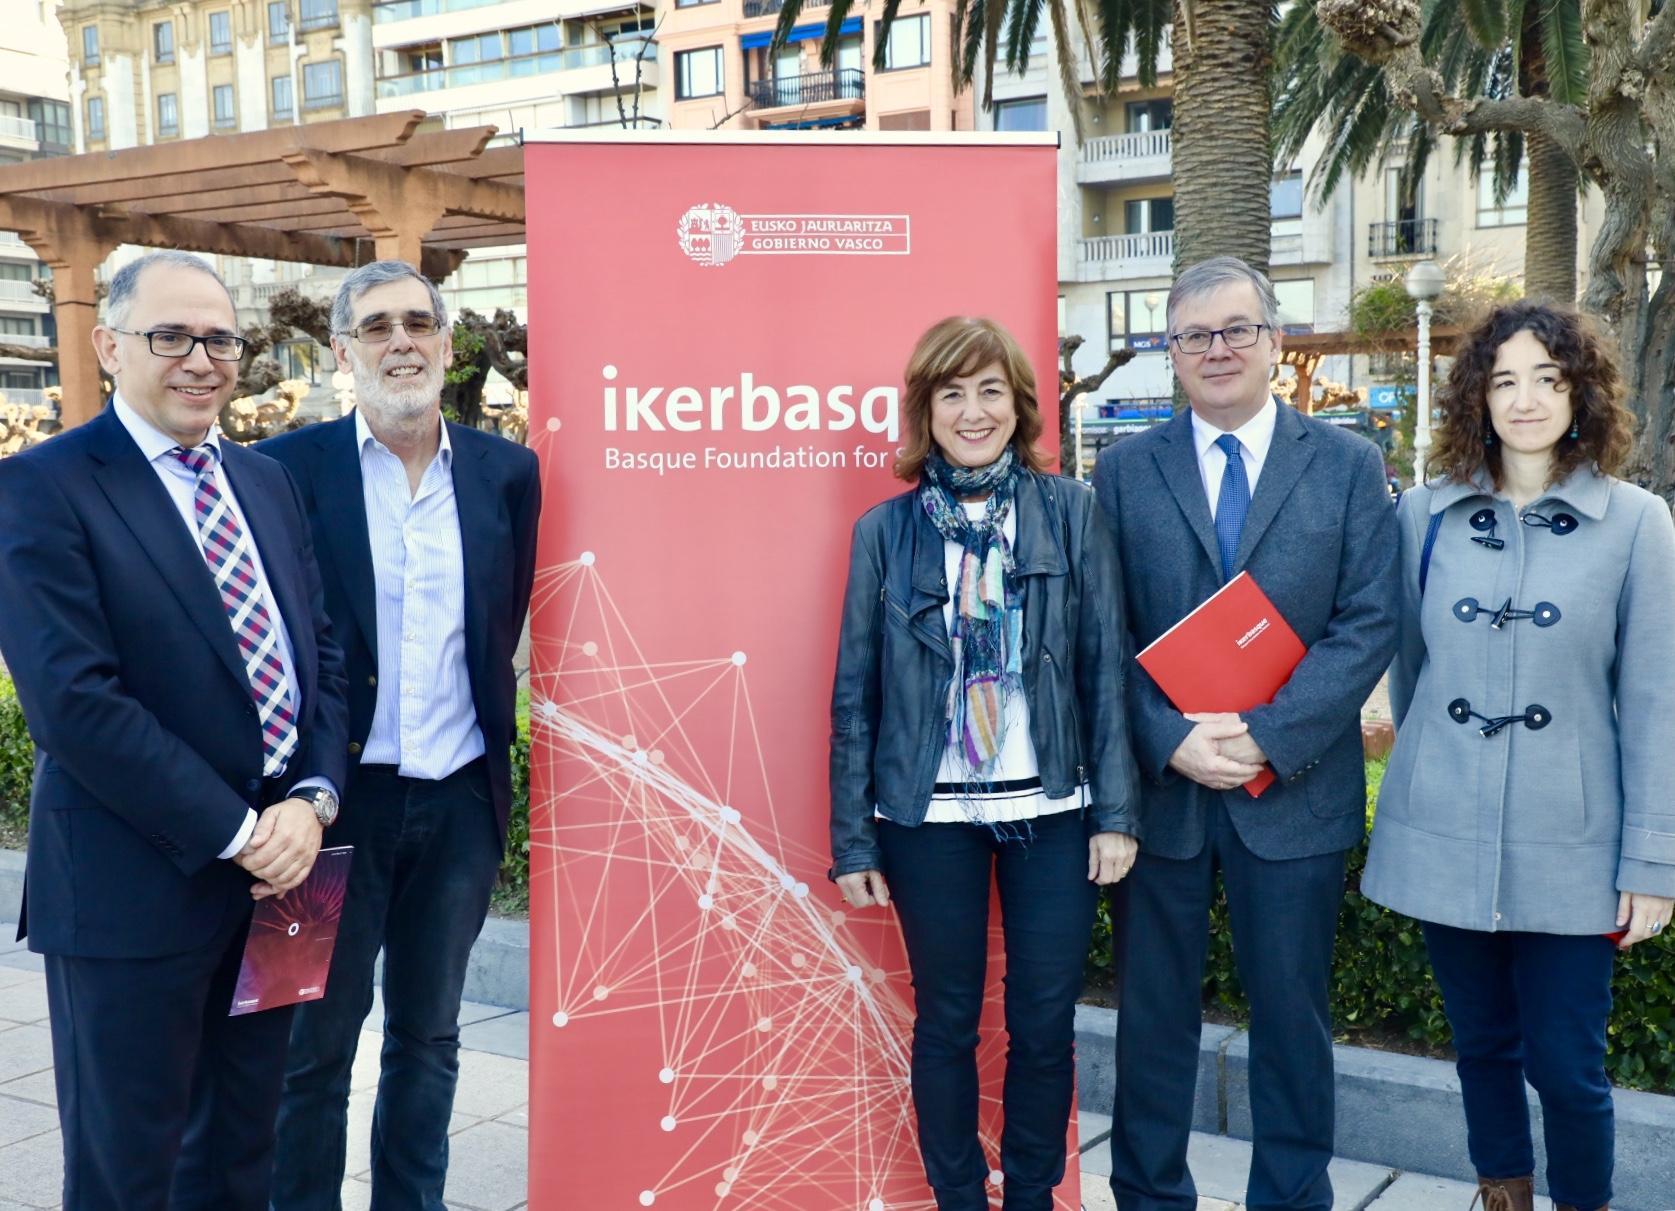 Ikerbasqueko ikertzaileek Euskadira 28 milioi eurotik gorako funtsak erakartzea lortu zuten 2018an